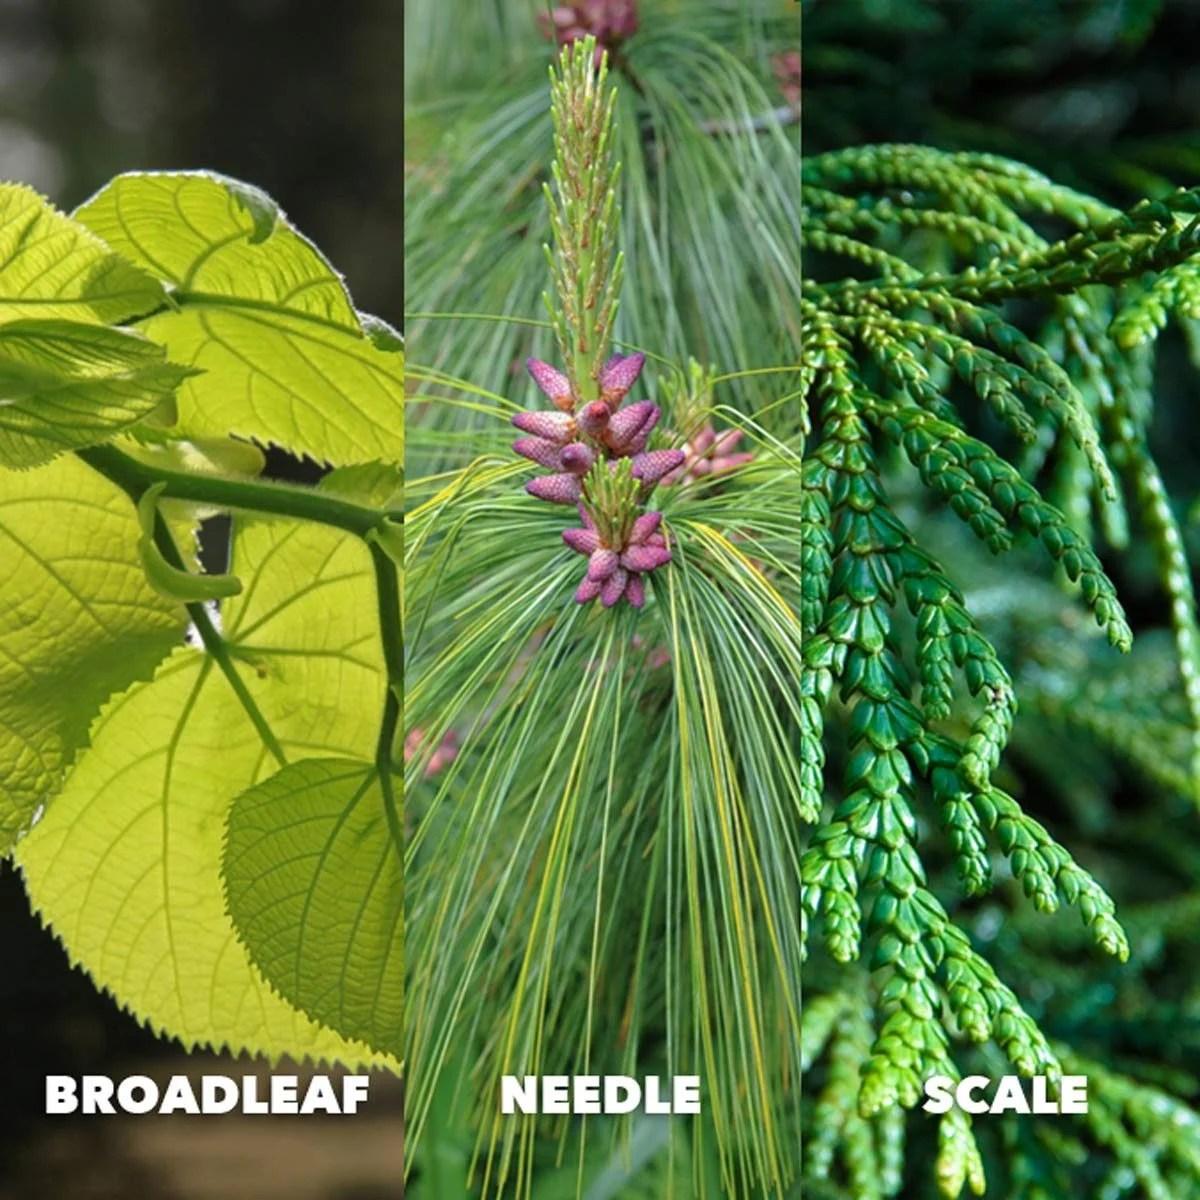 How To Identify Tree Species